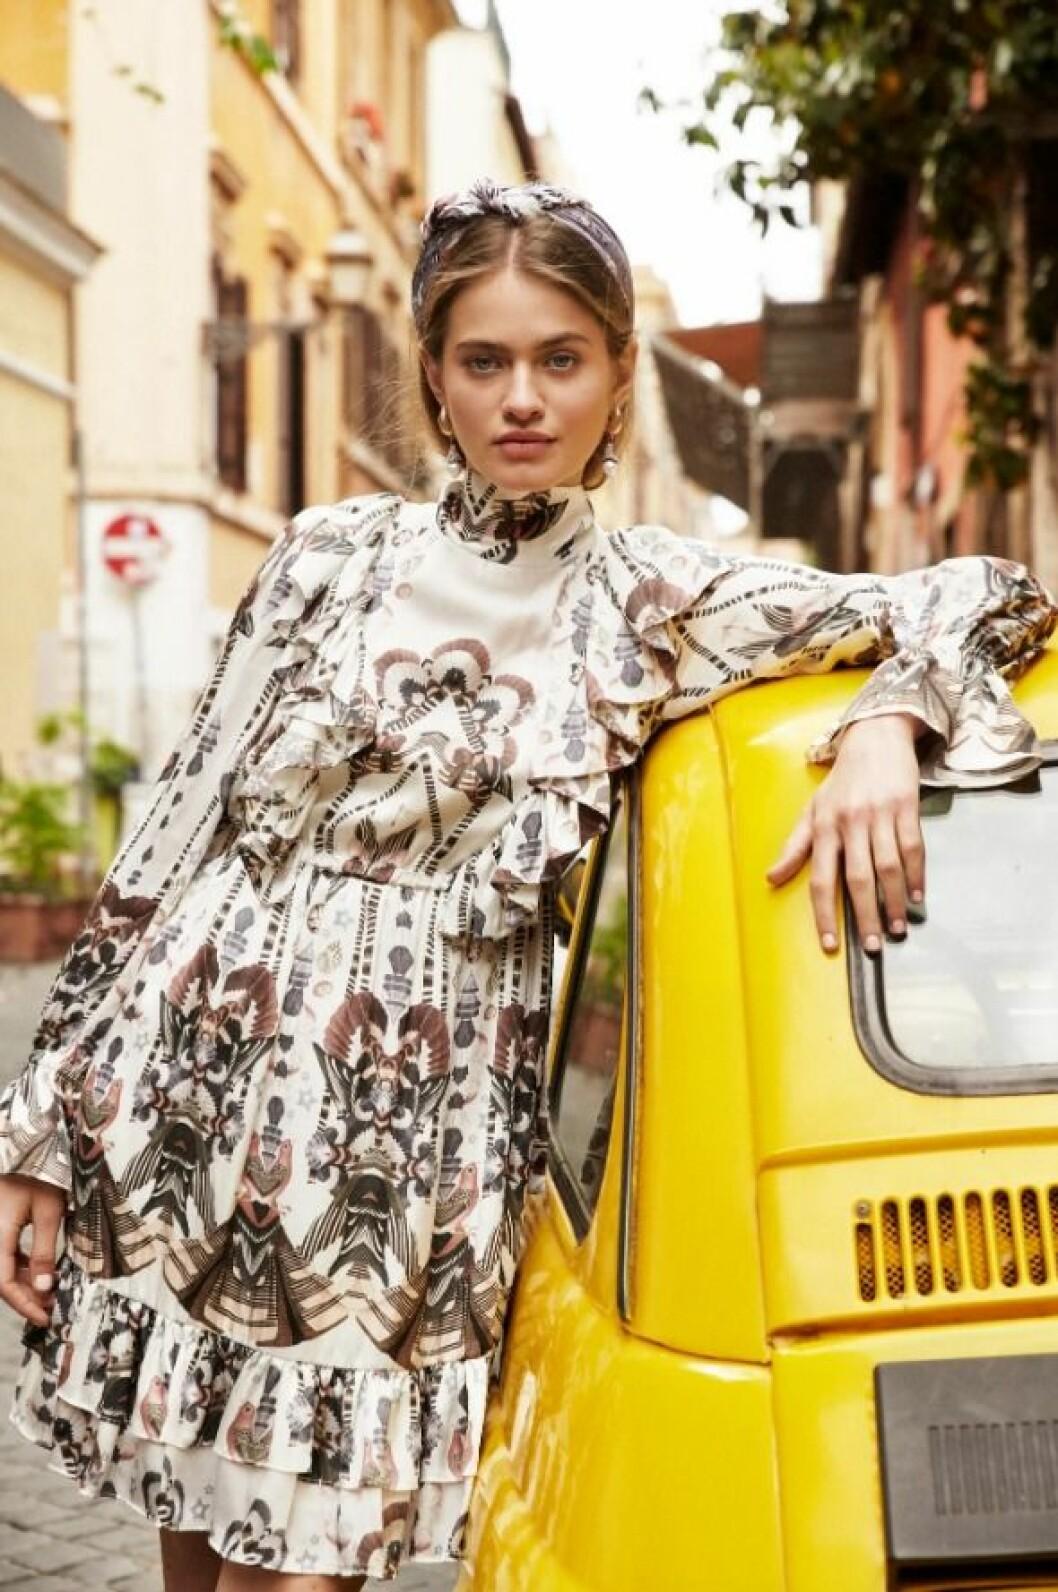 Ava mini dress från By Malina